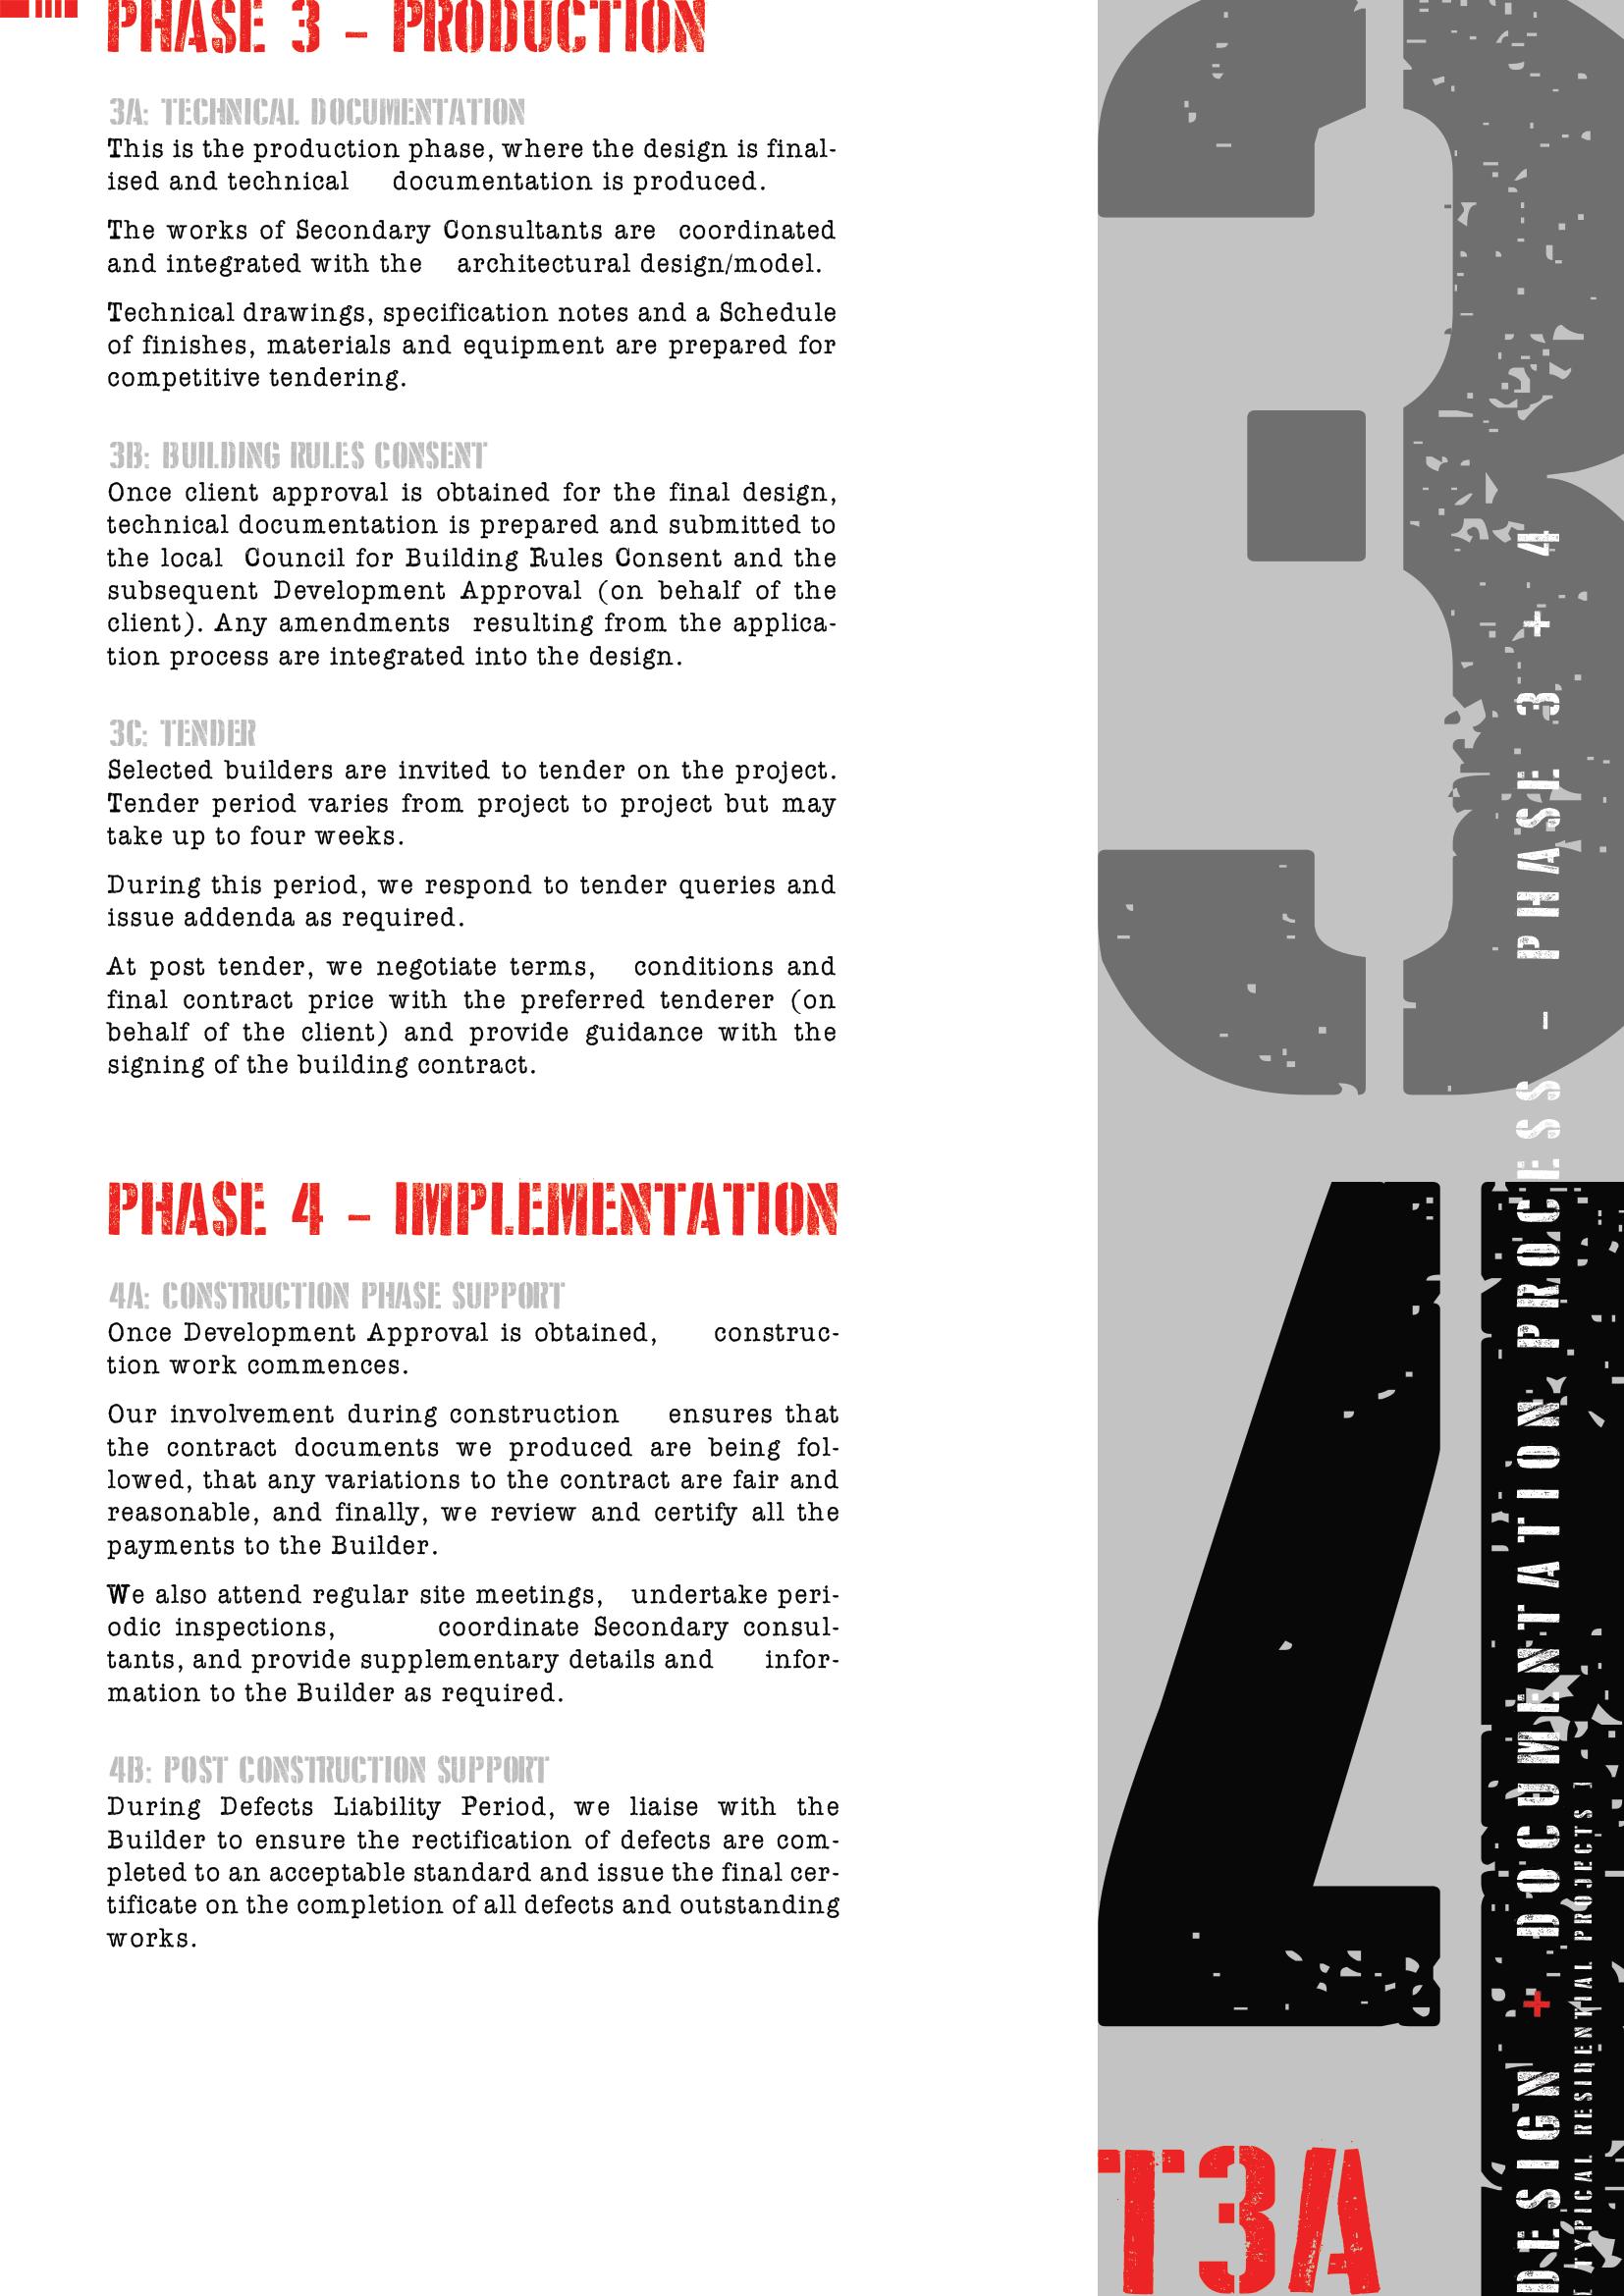 t3_Design & Documentation Process_S4_PS CC -180326